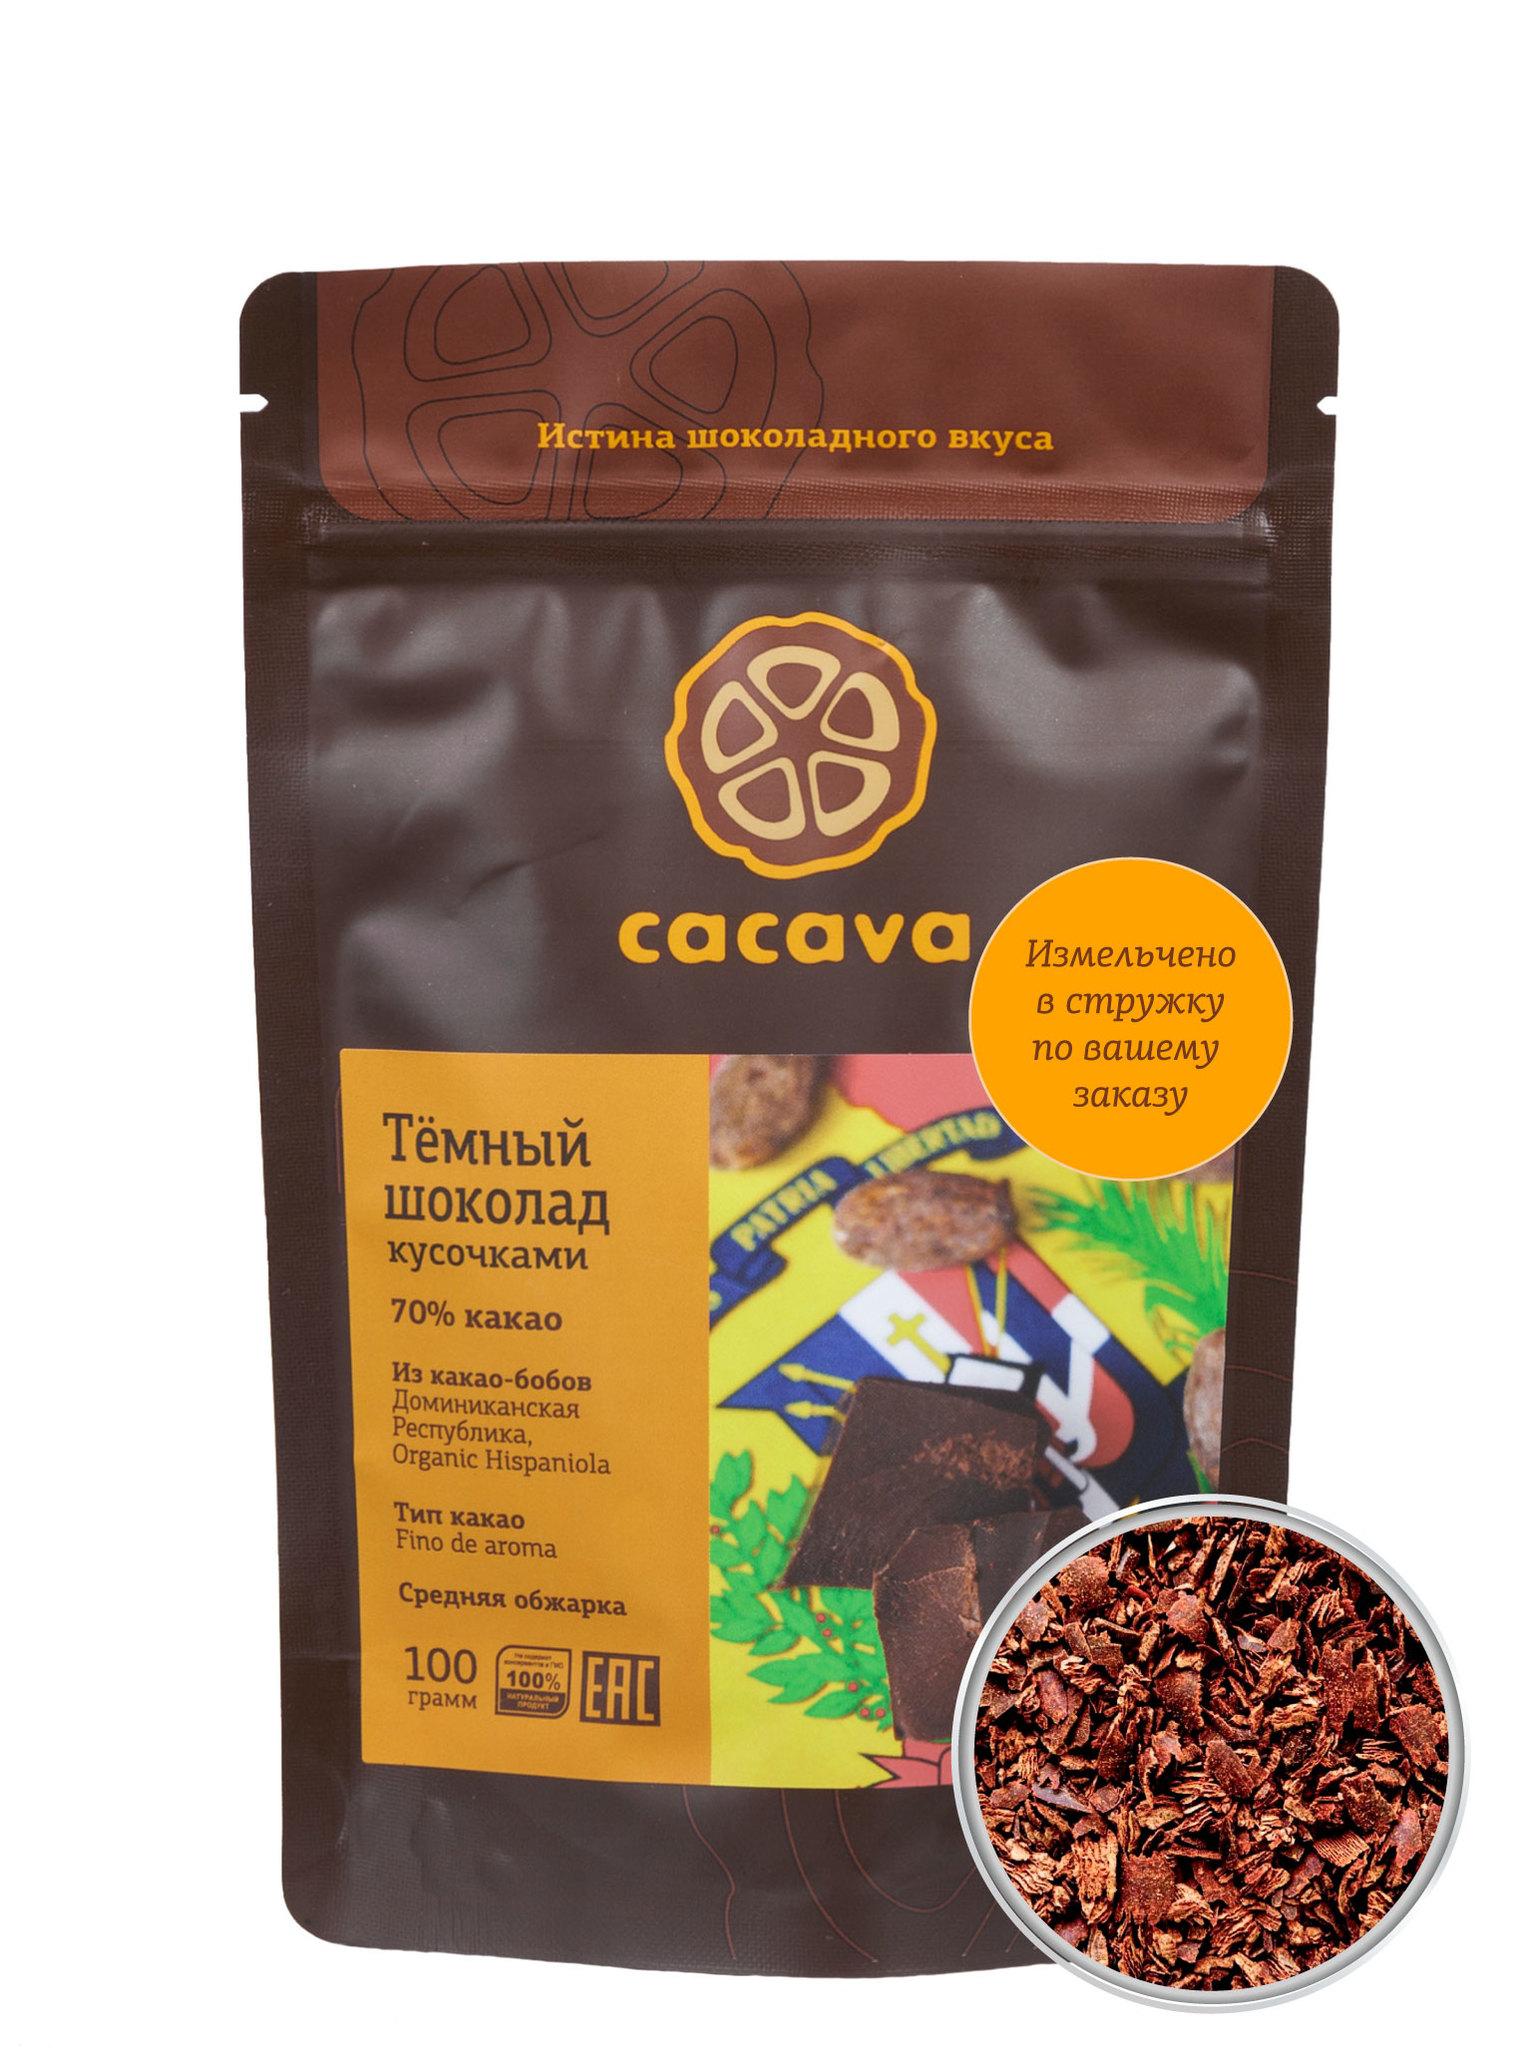 Тёмный шоколад 70 % какао в стружке (Доминикана, Organic Hispaniola), упаковка 100 грамм